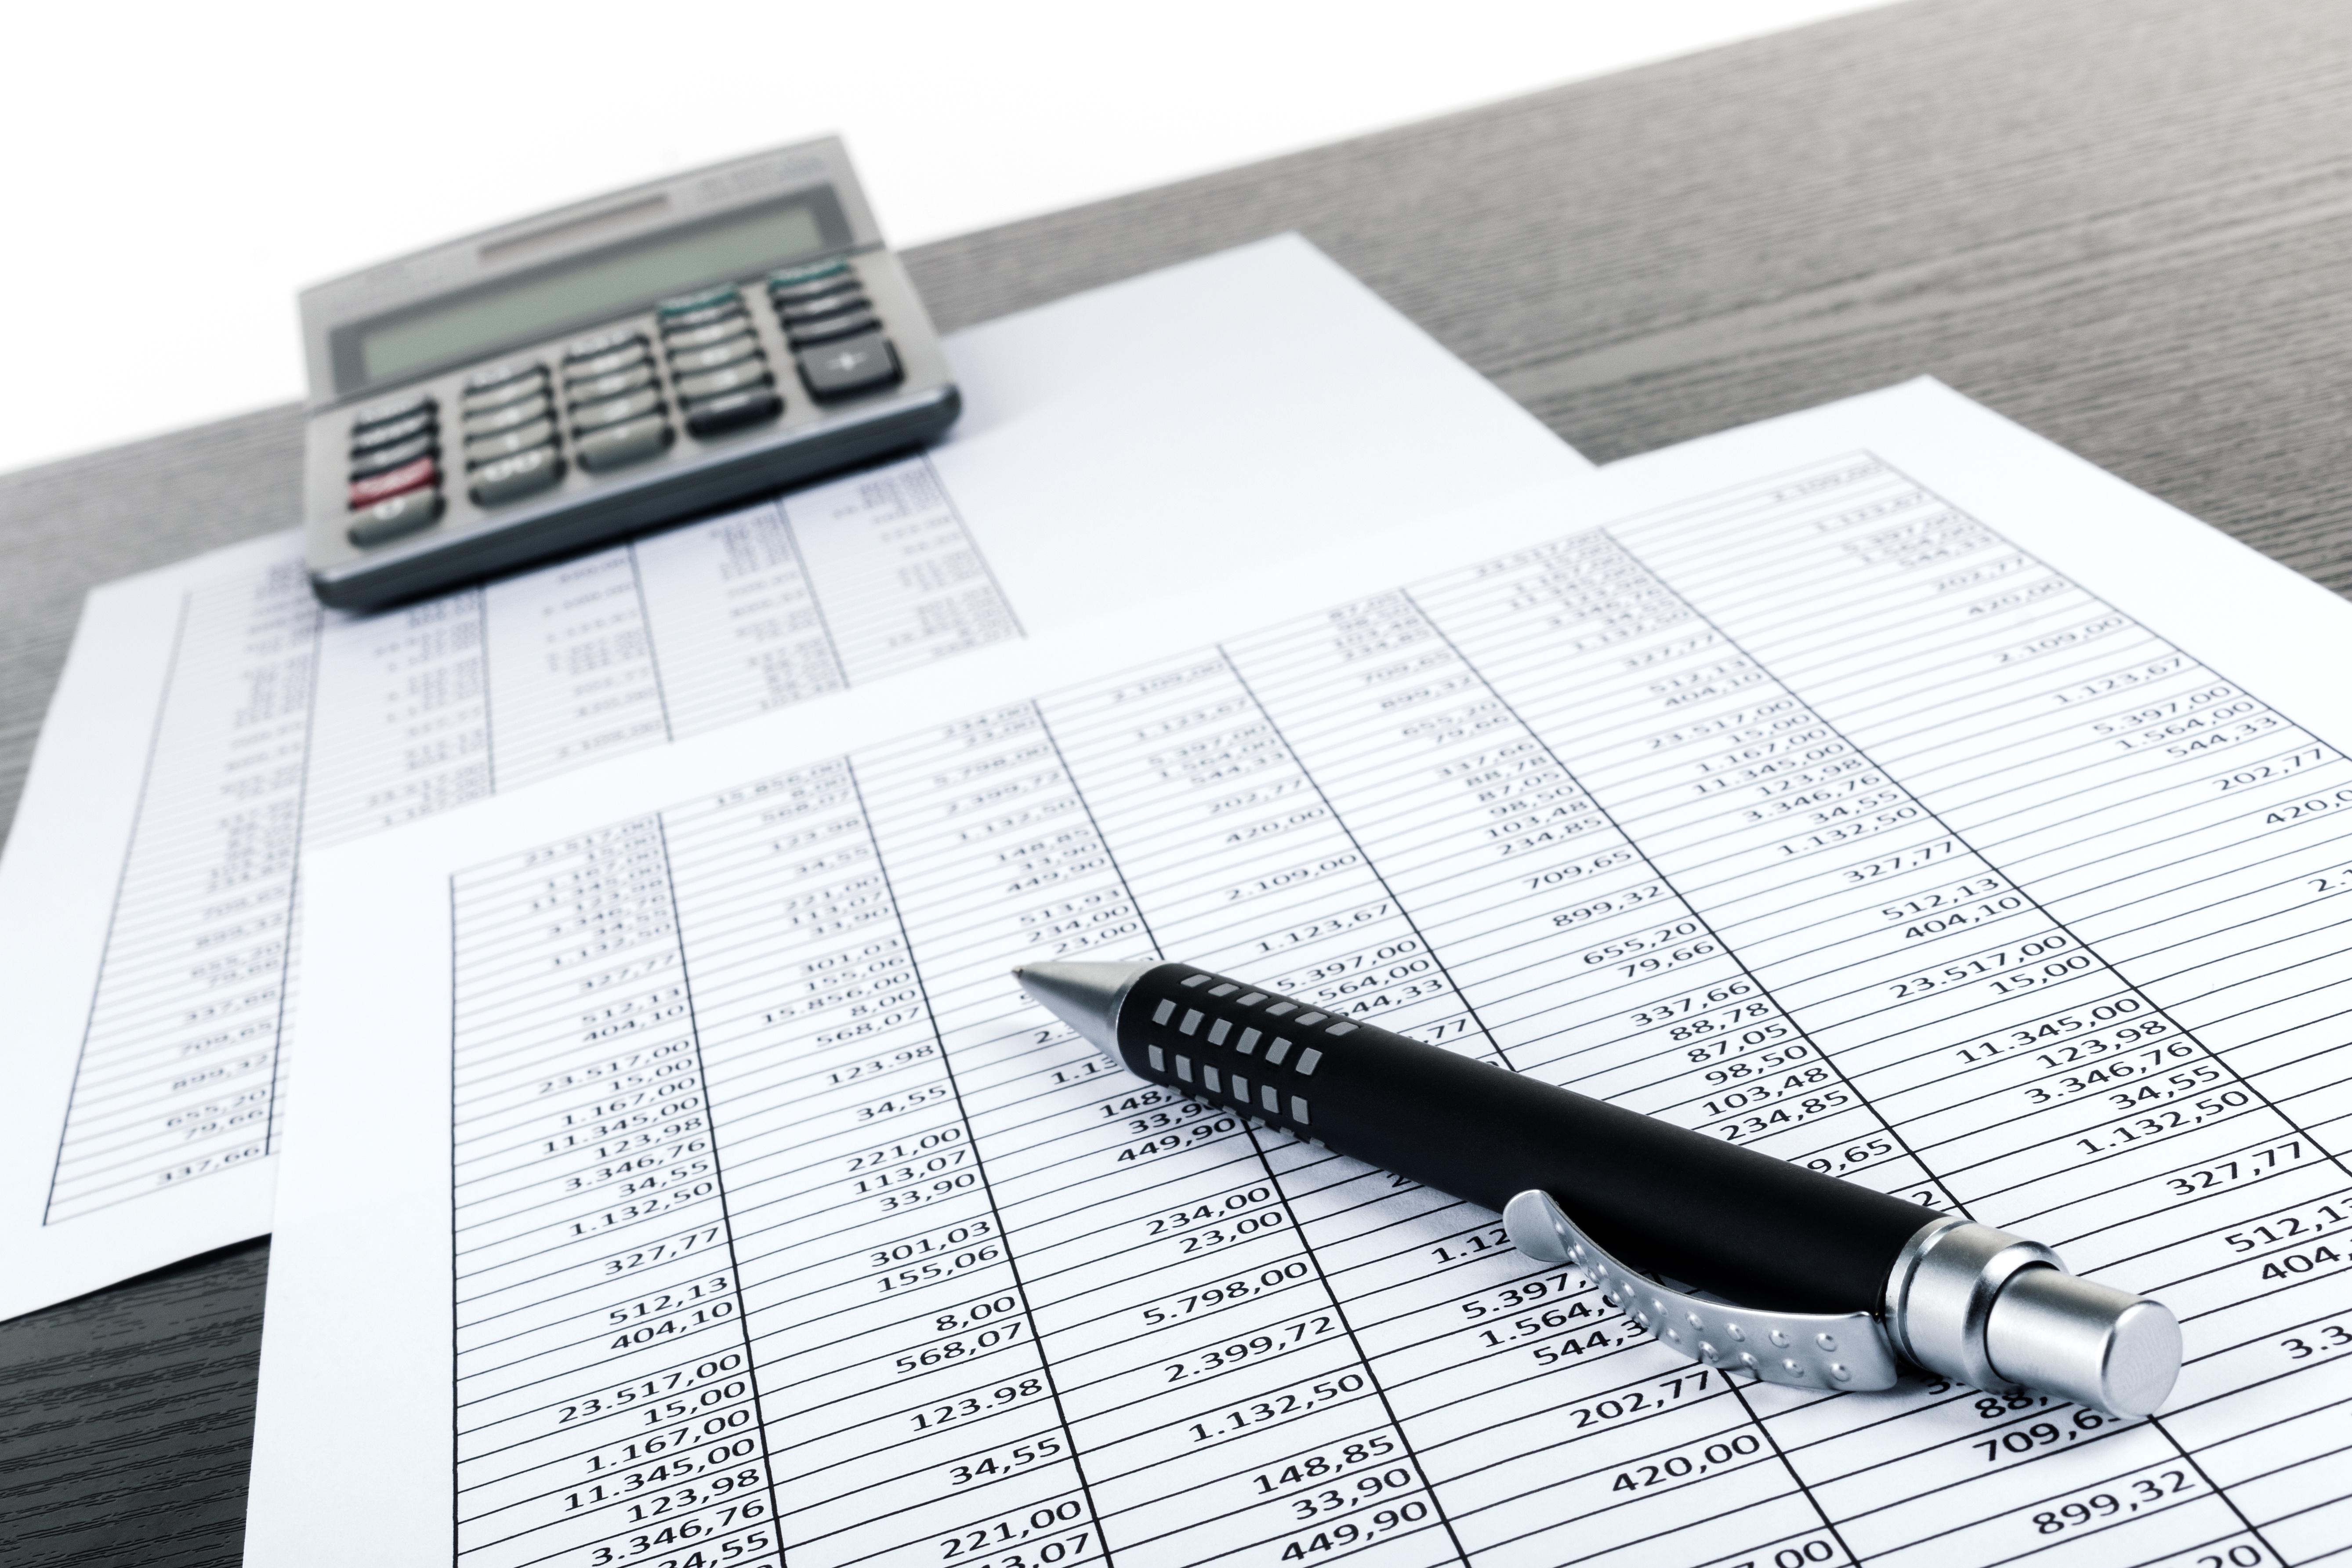 Ein Kugelschreiber und ein Taschenrechner liegen auf einigen mit Tabellen bedruckten Blättern